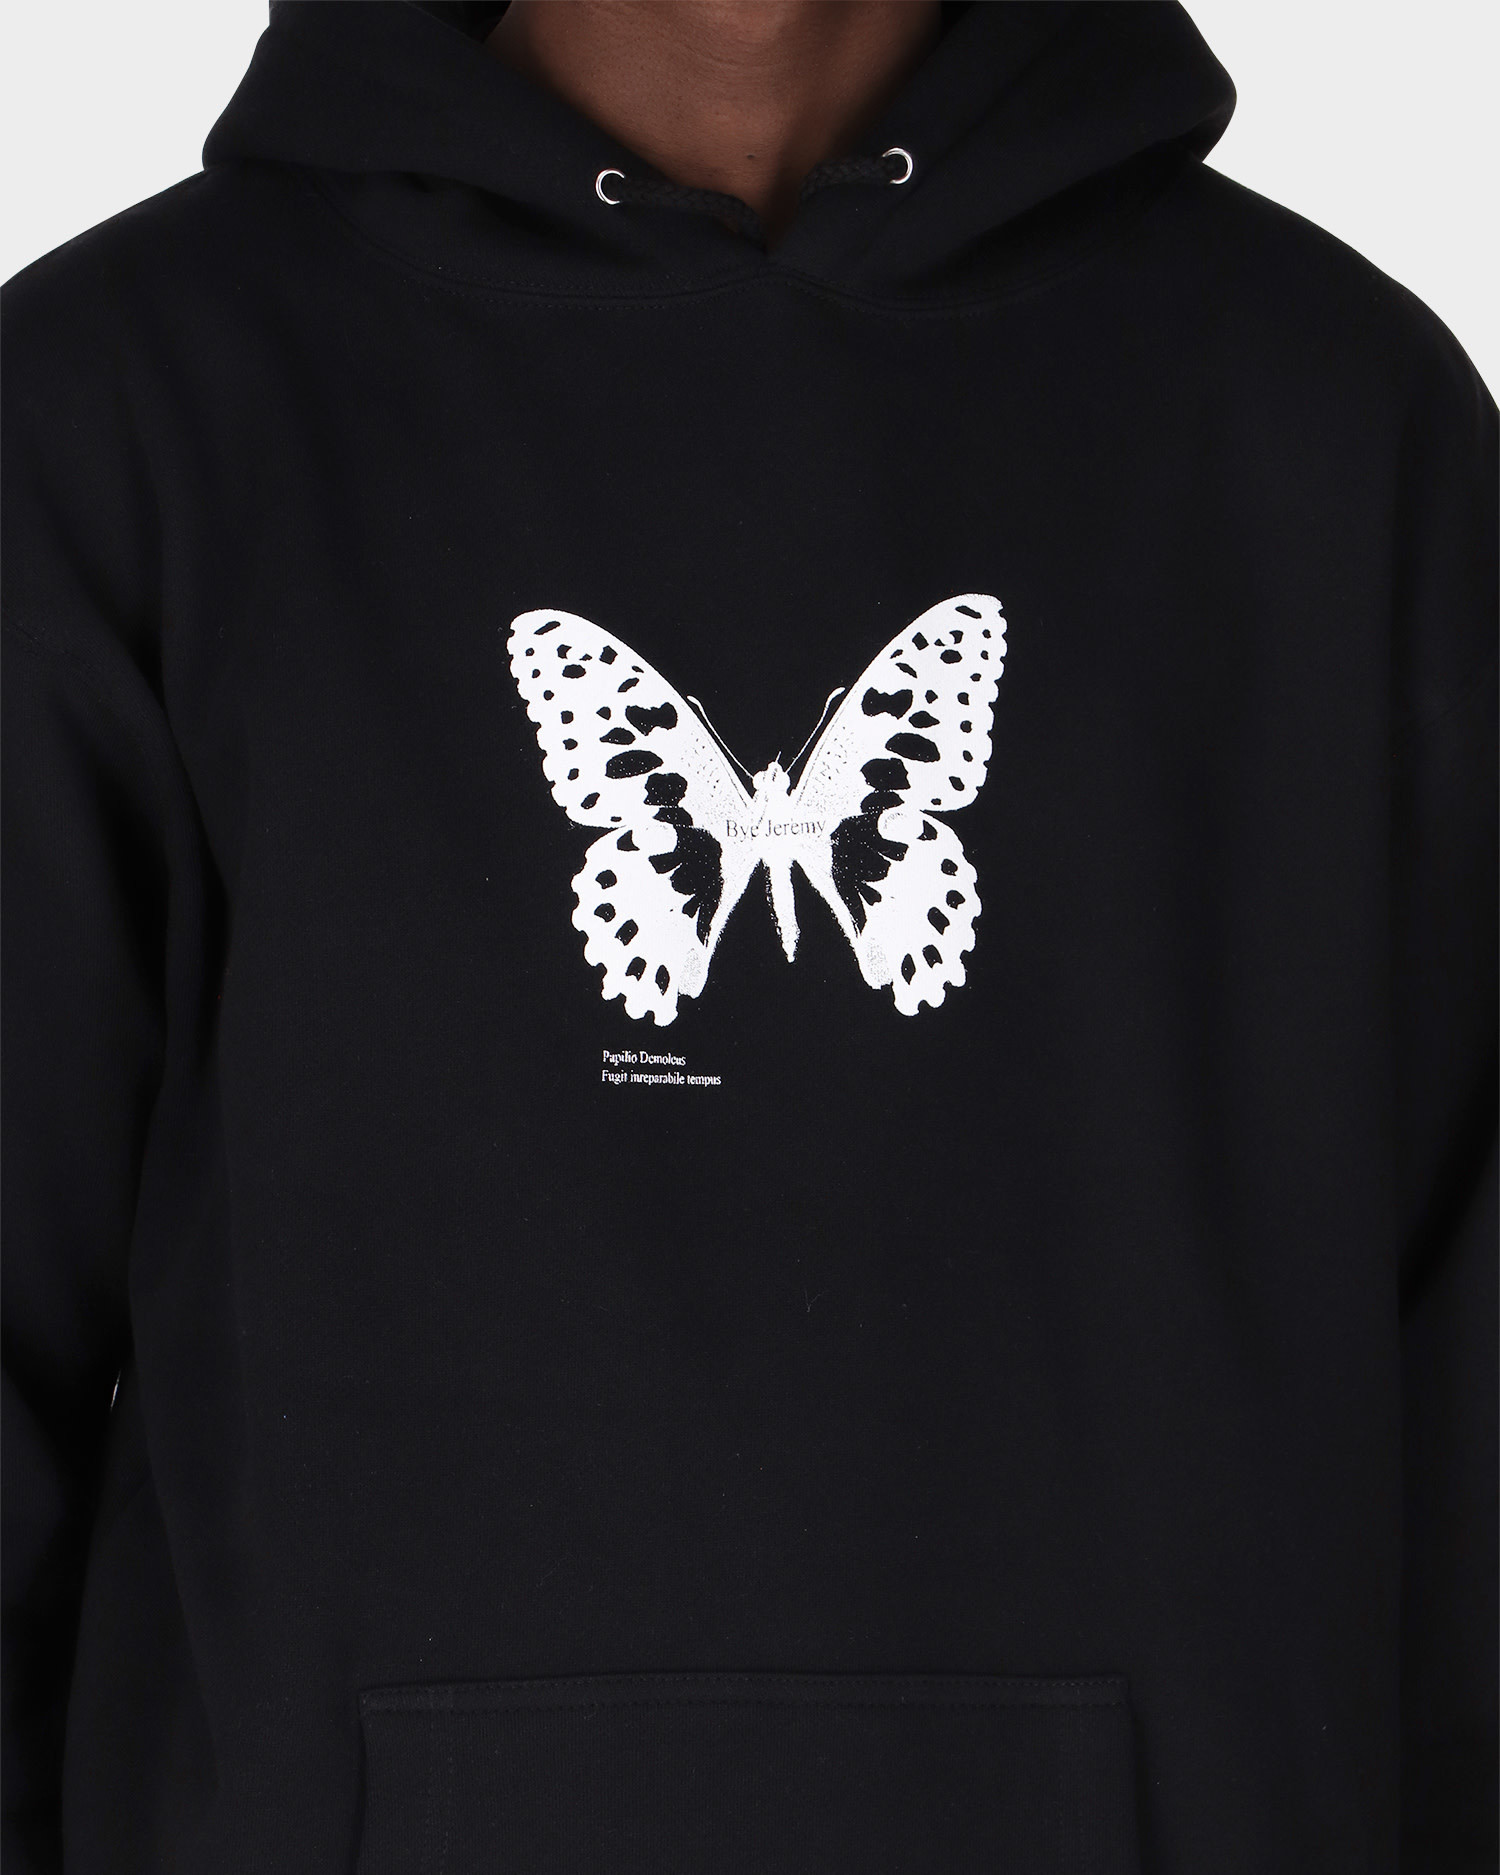 Bye Jeremy Butterfly Hoodie Black